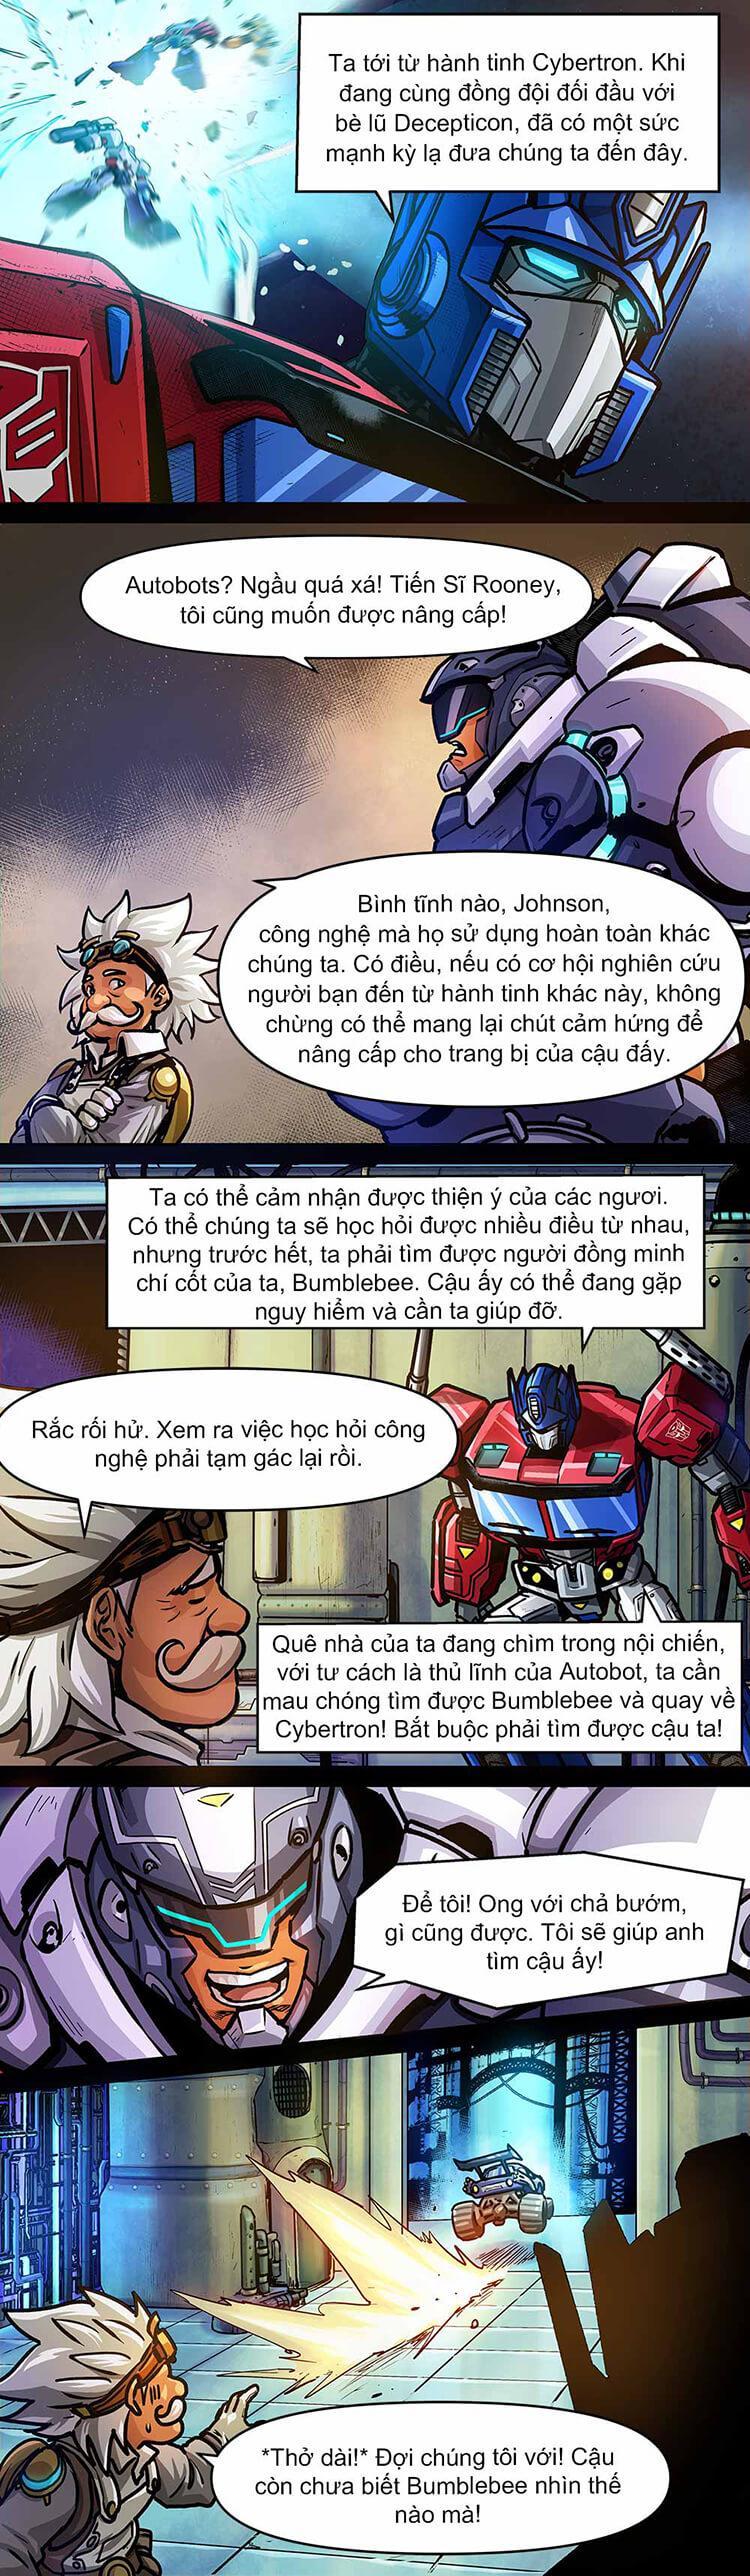 Comic MLBB: Lãng khách đến từ Cybertron - Trang 08